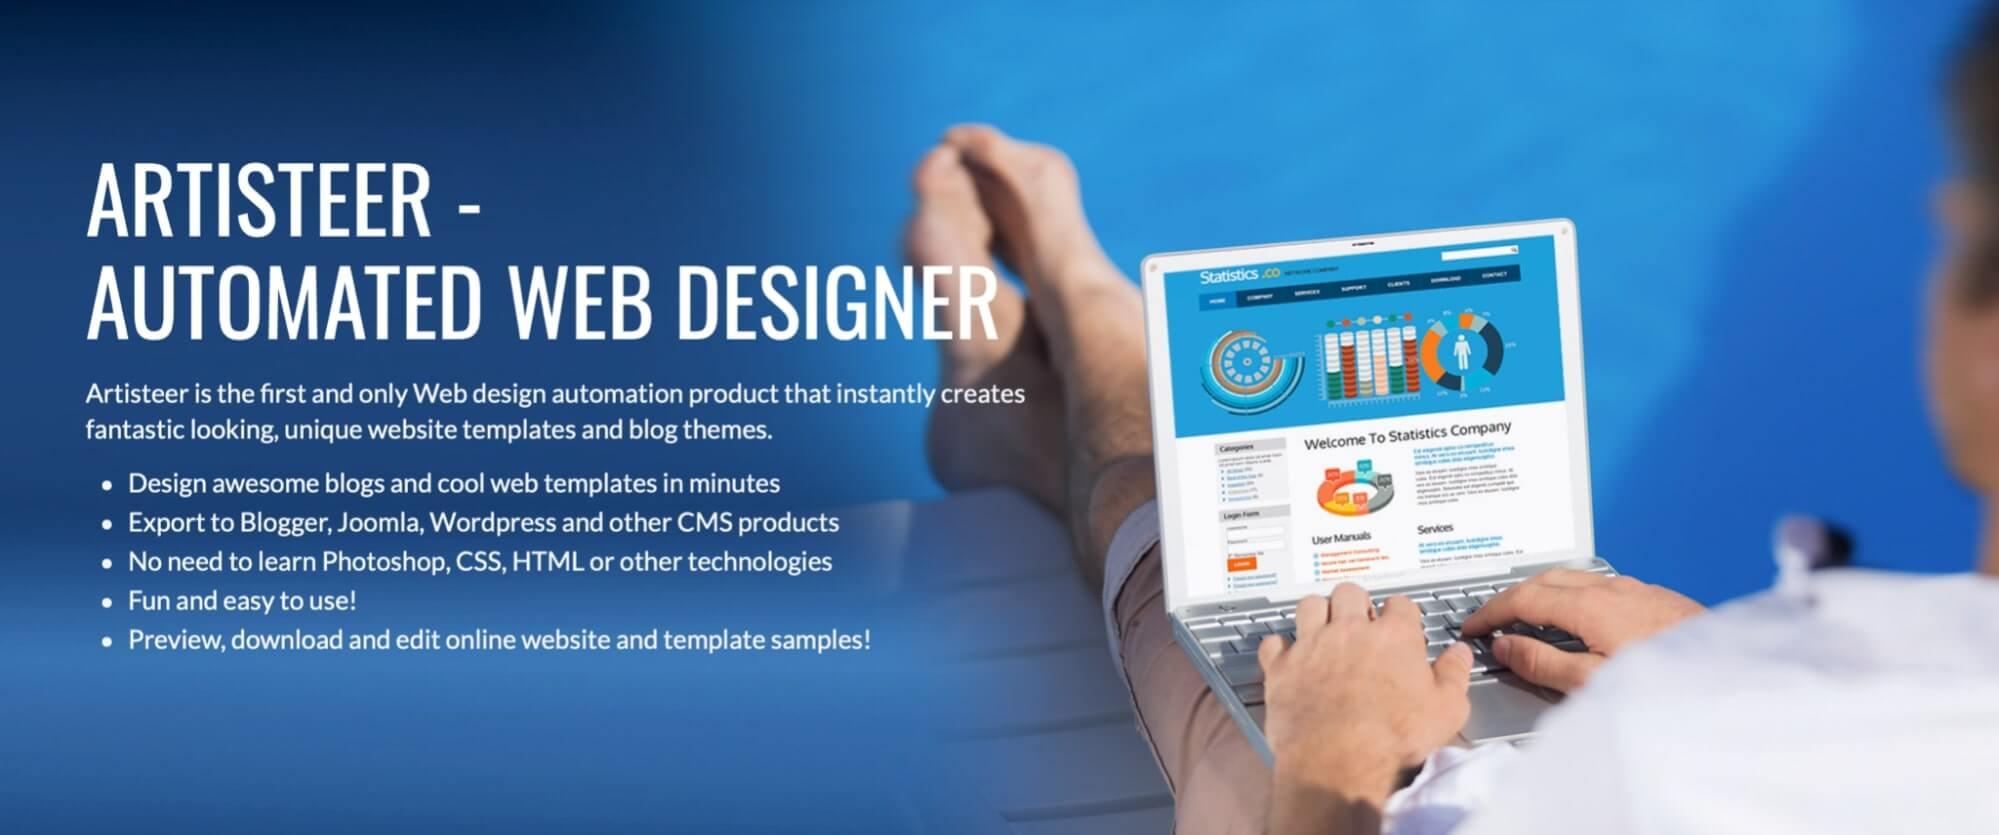 Artisteer Web Designer